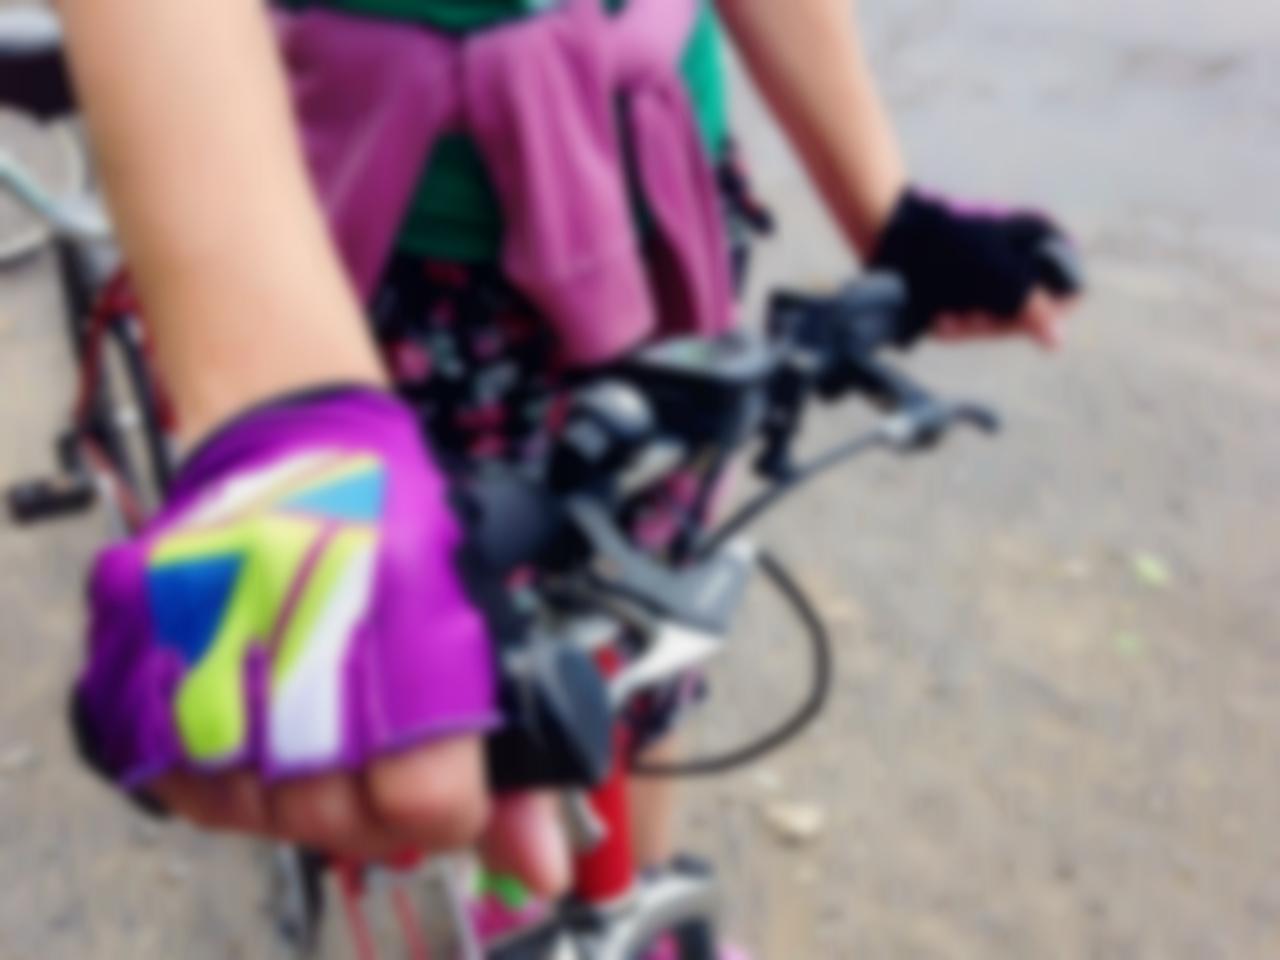 На розмитому фото: руль велосипеда та рука у фіолевій велорукавиці на ньому